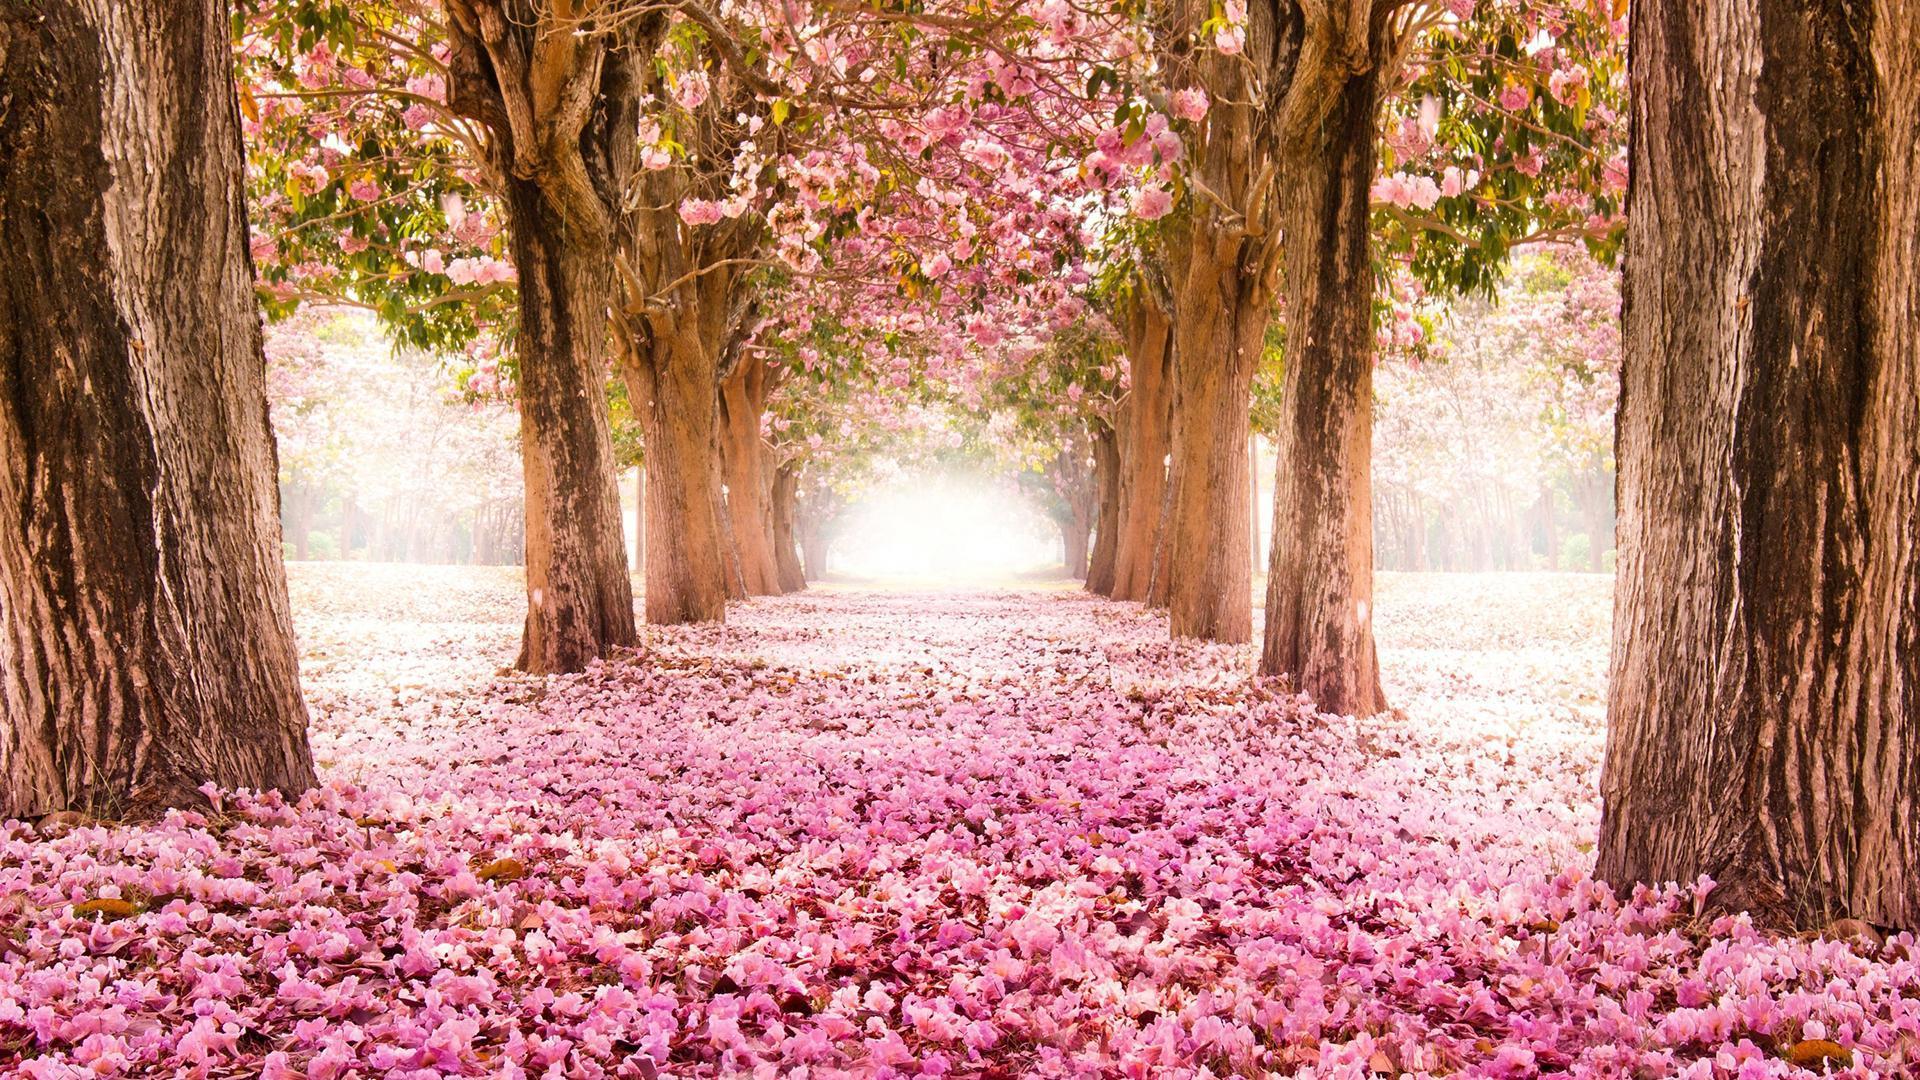 был вознесен самые красивые фото весны в мире документов был представлен